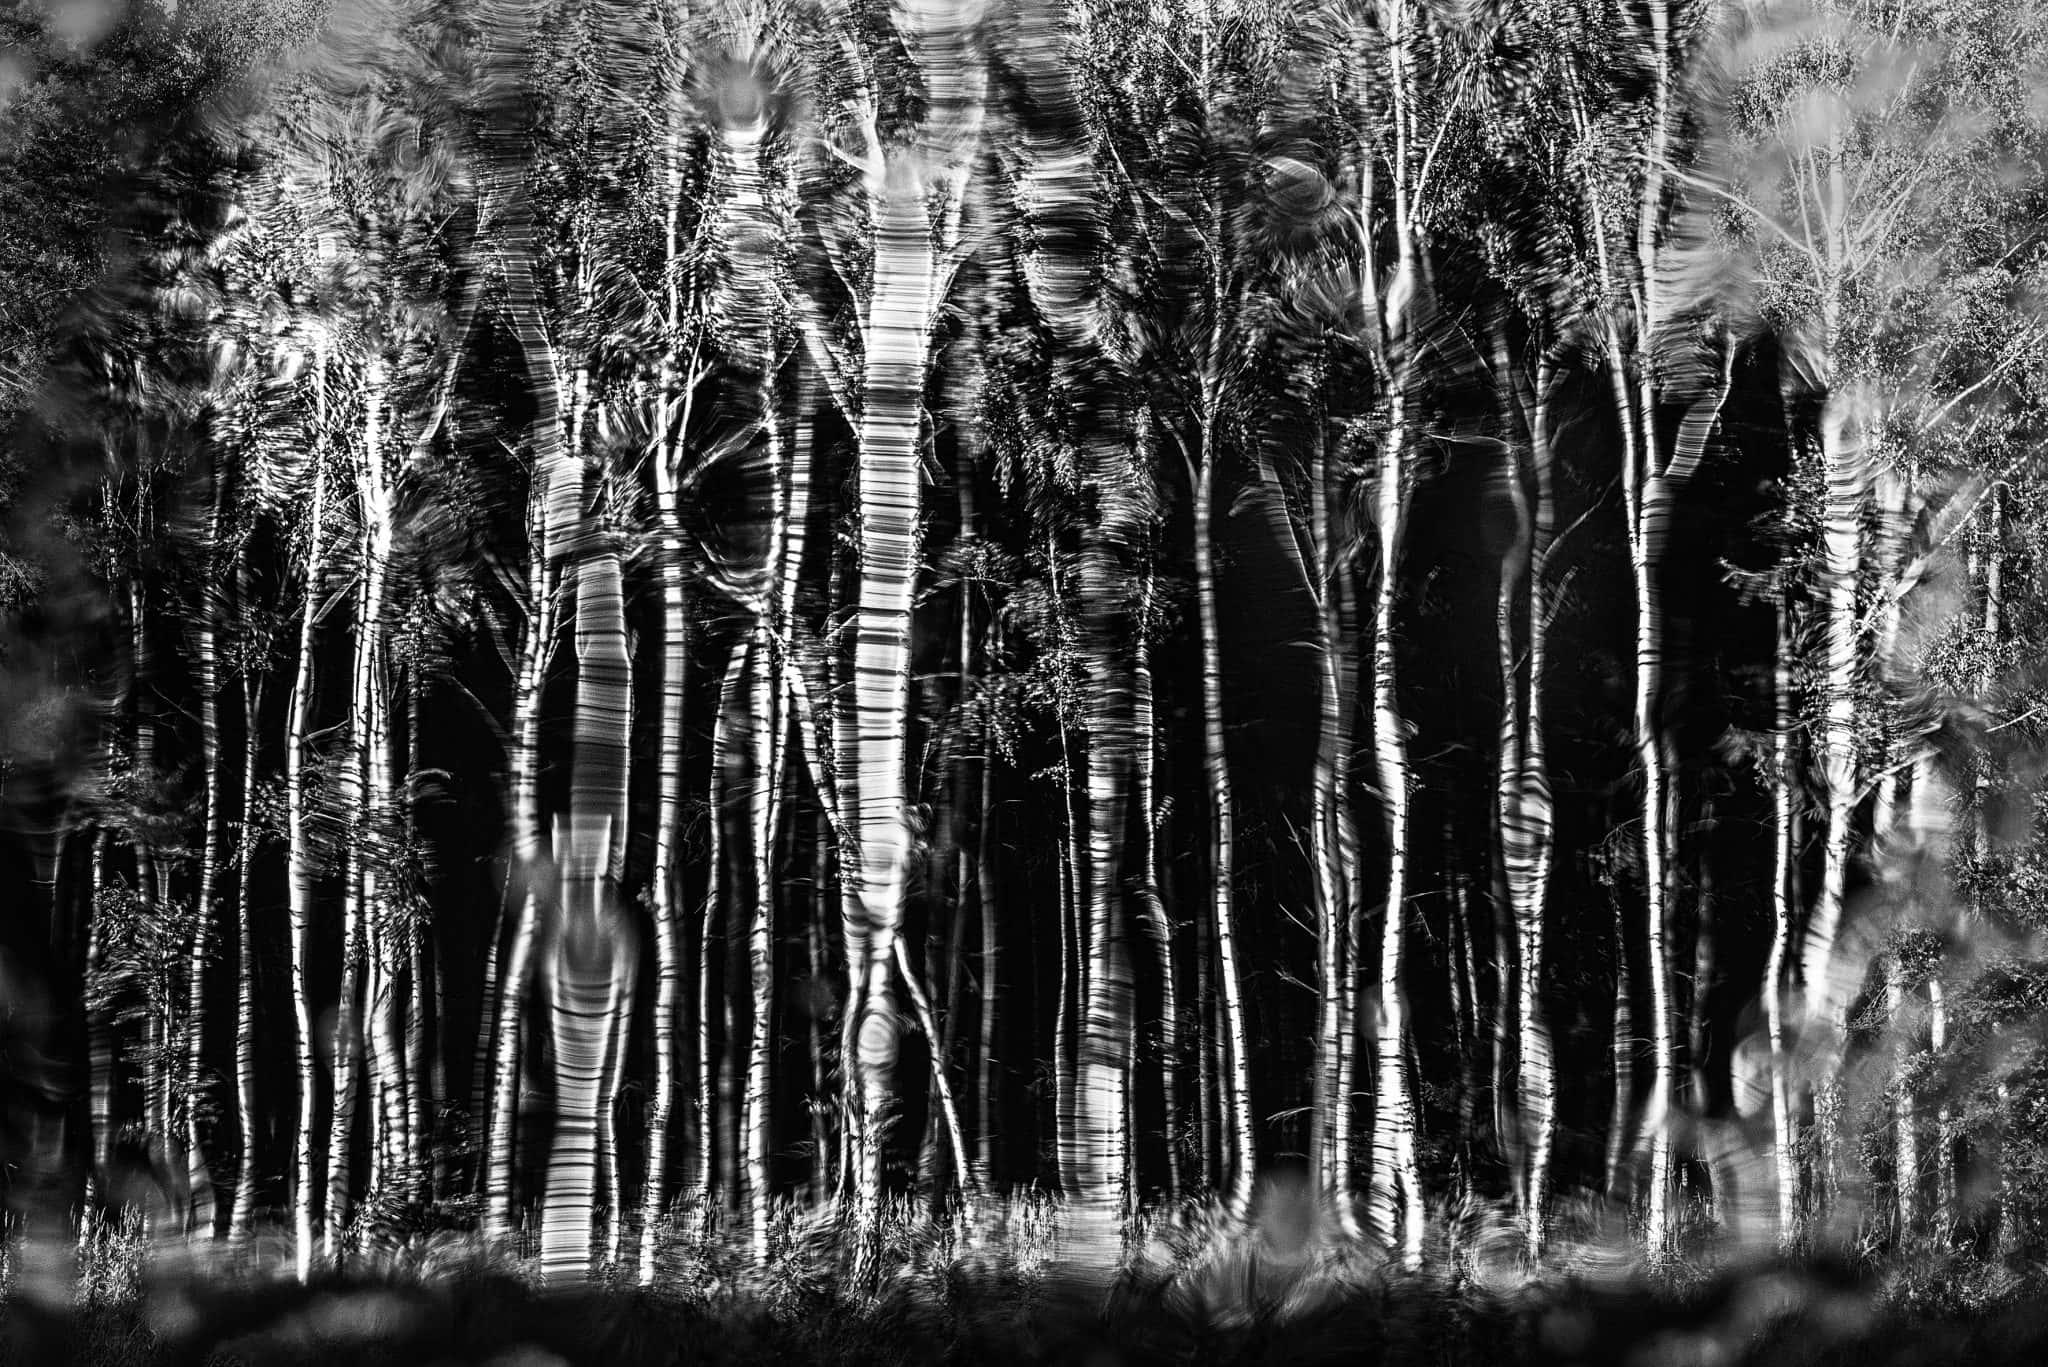 las brzozowy